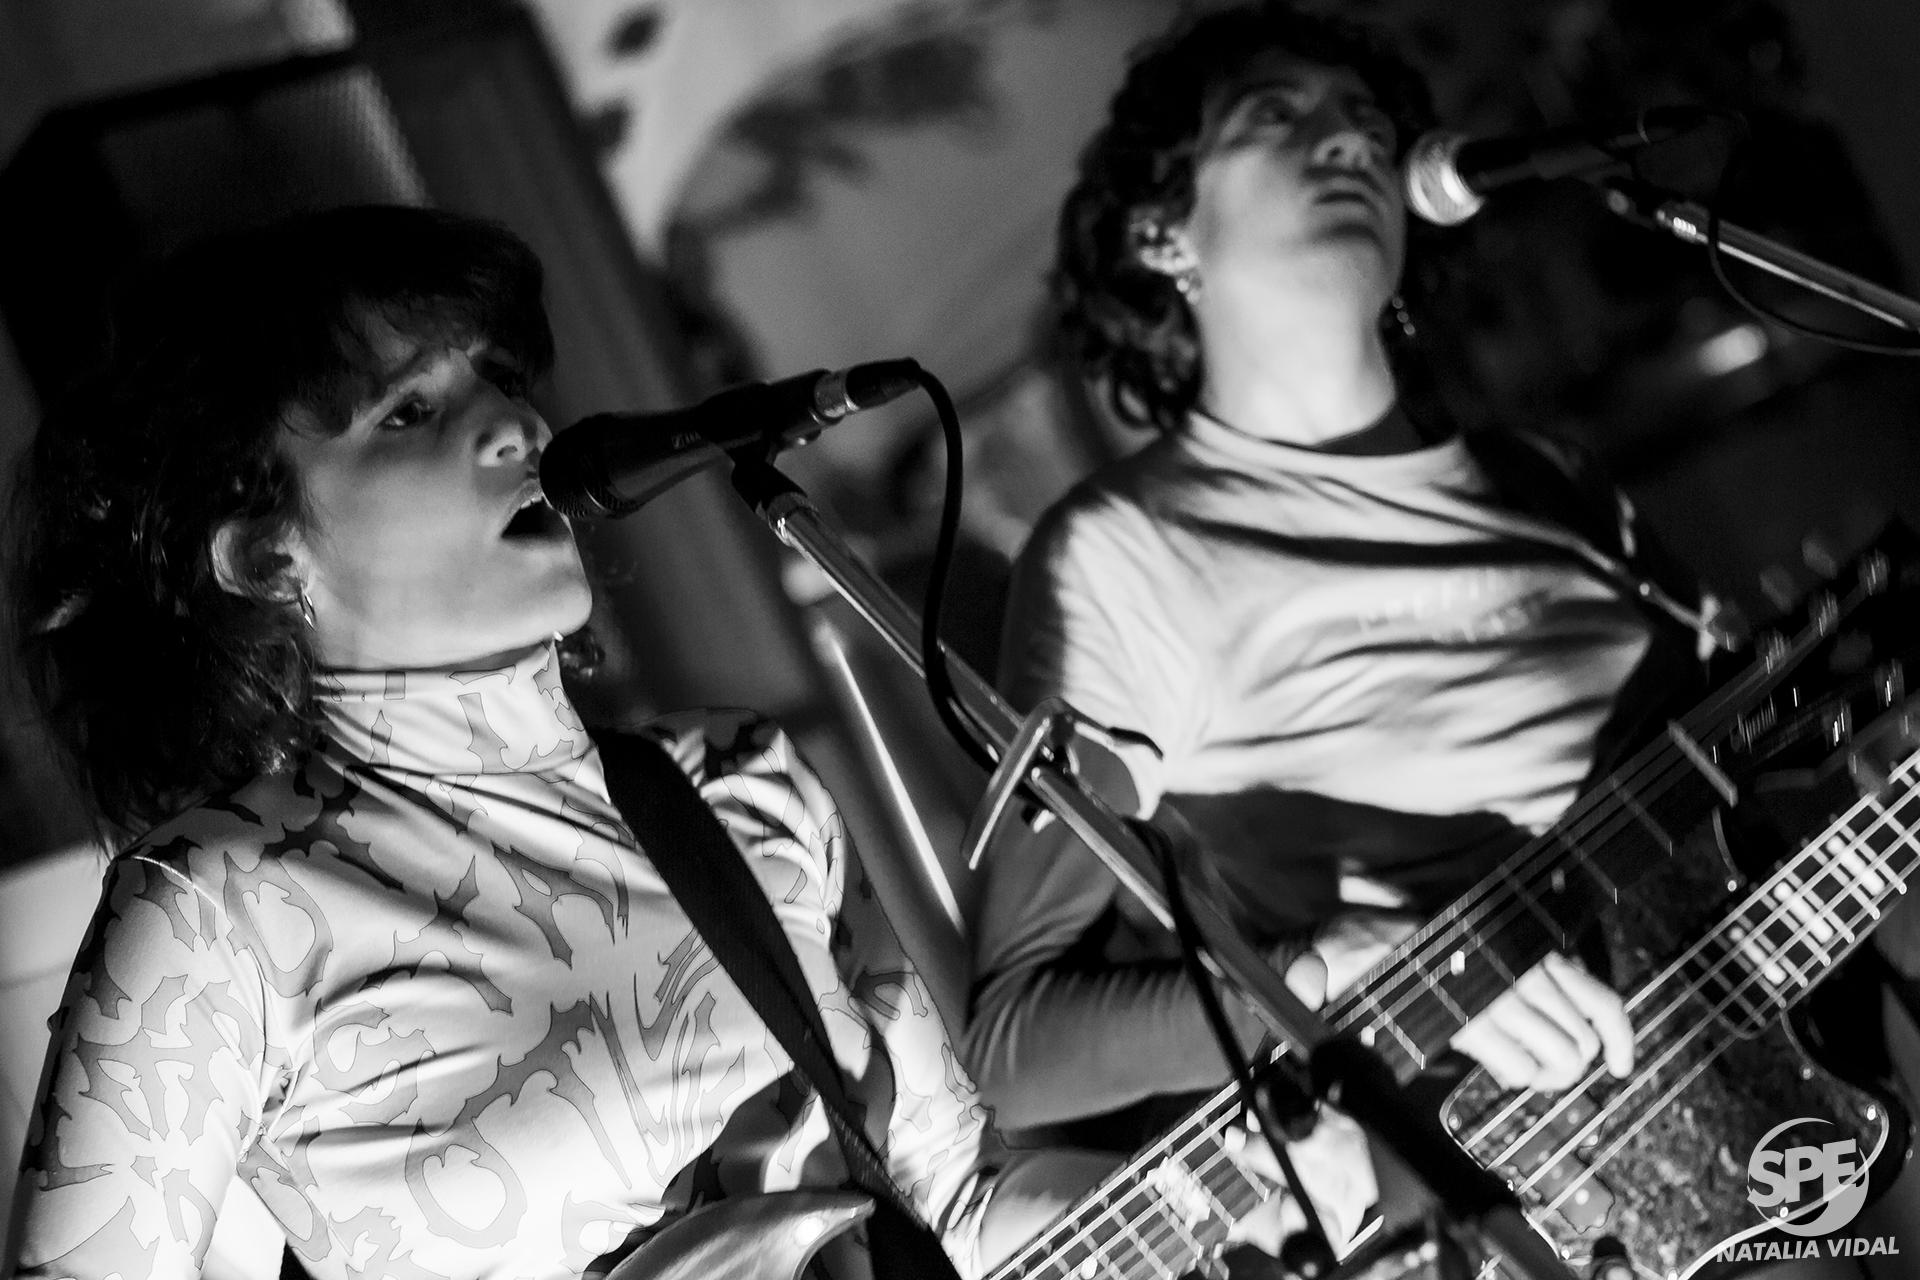 La banda Islas Mujeres se presentó en el evento sobre empoderamiento de la mujer impuslado por el Vodka Sky en el Bar Rabieta, ubiacado en el Hipodromo de Palermo, Buenos Aires, el jueves 01 de Agosto de 2019. 01 de agosto de 2019.Foto de: Natalia Vidal